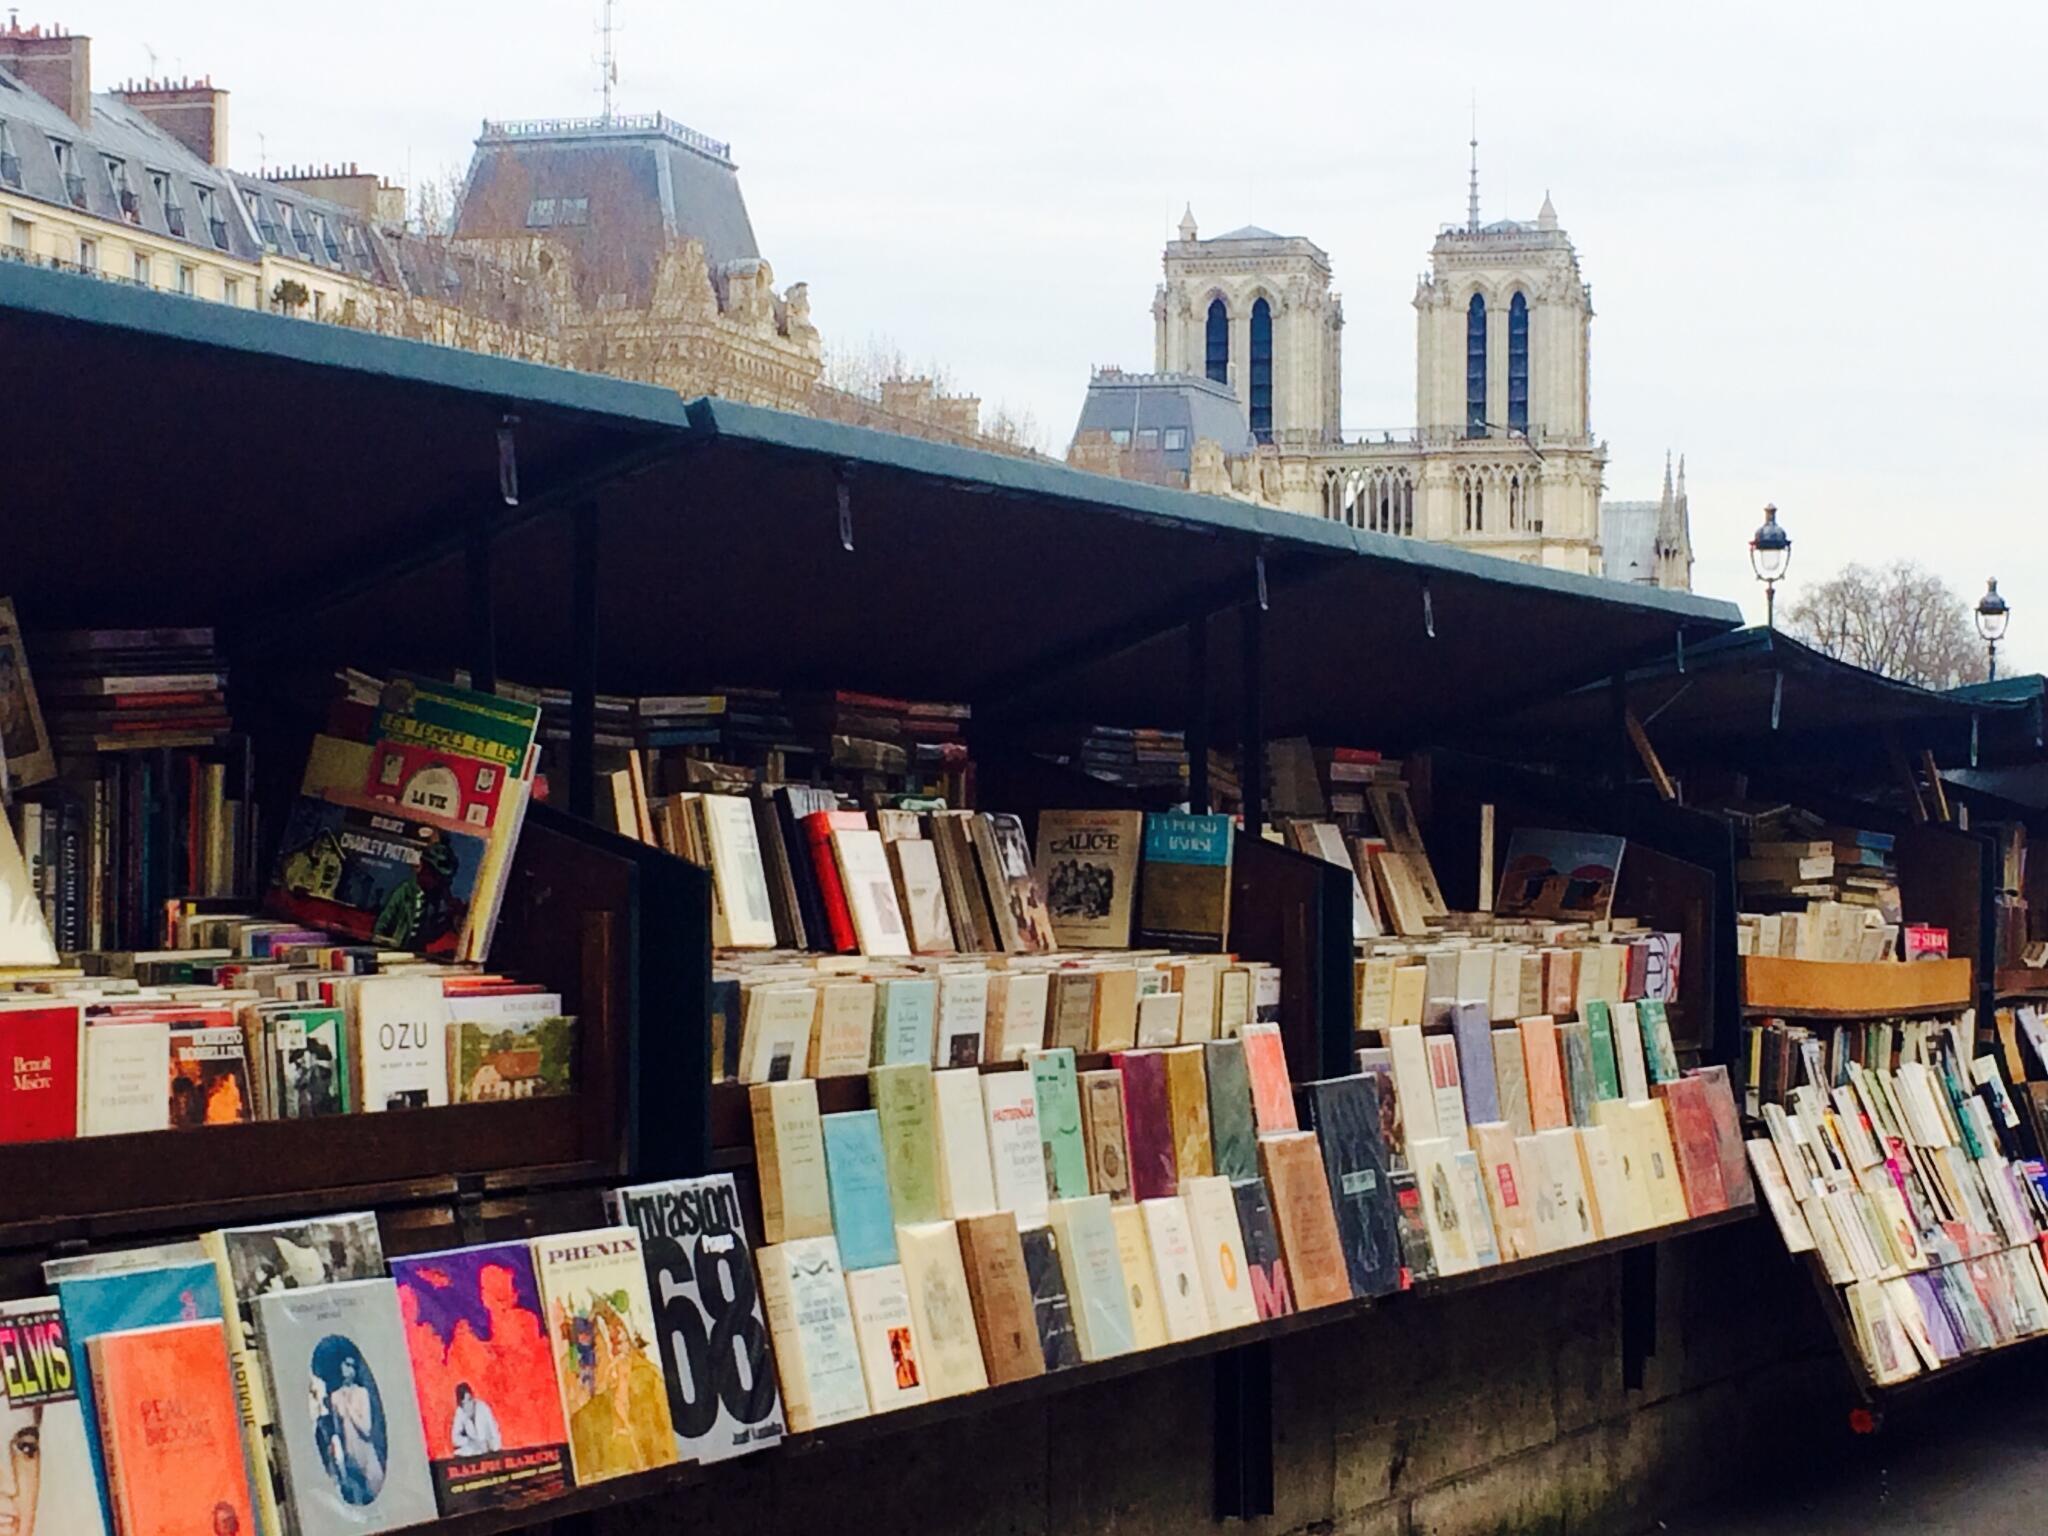 Một hiệu sách cũ dọc bờ sông Seine, Paris.